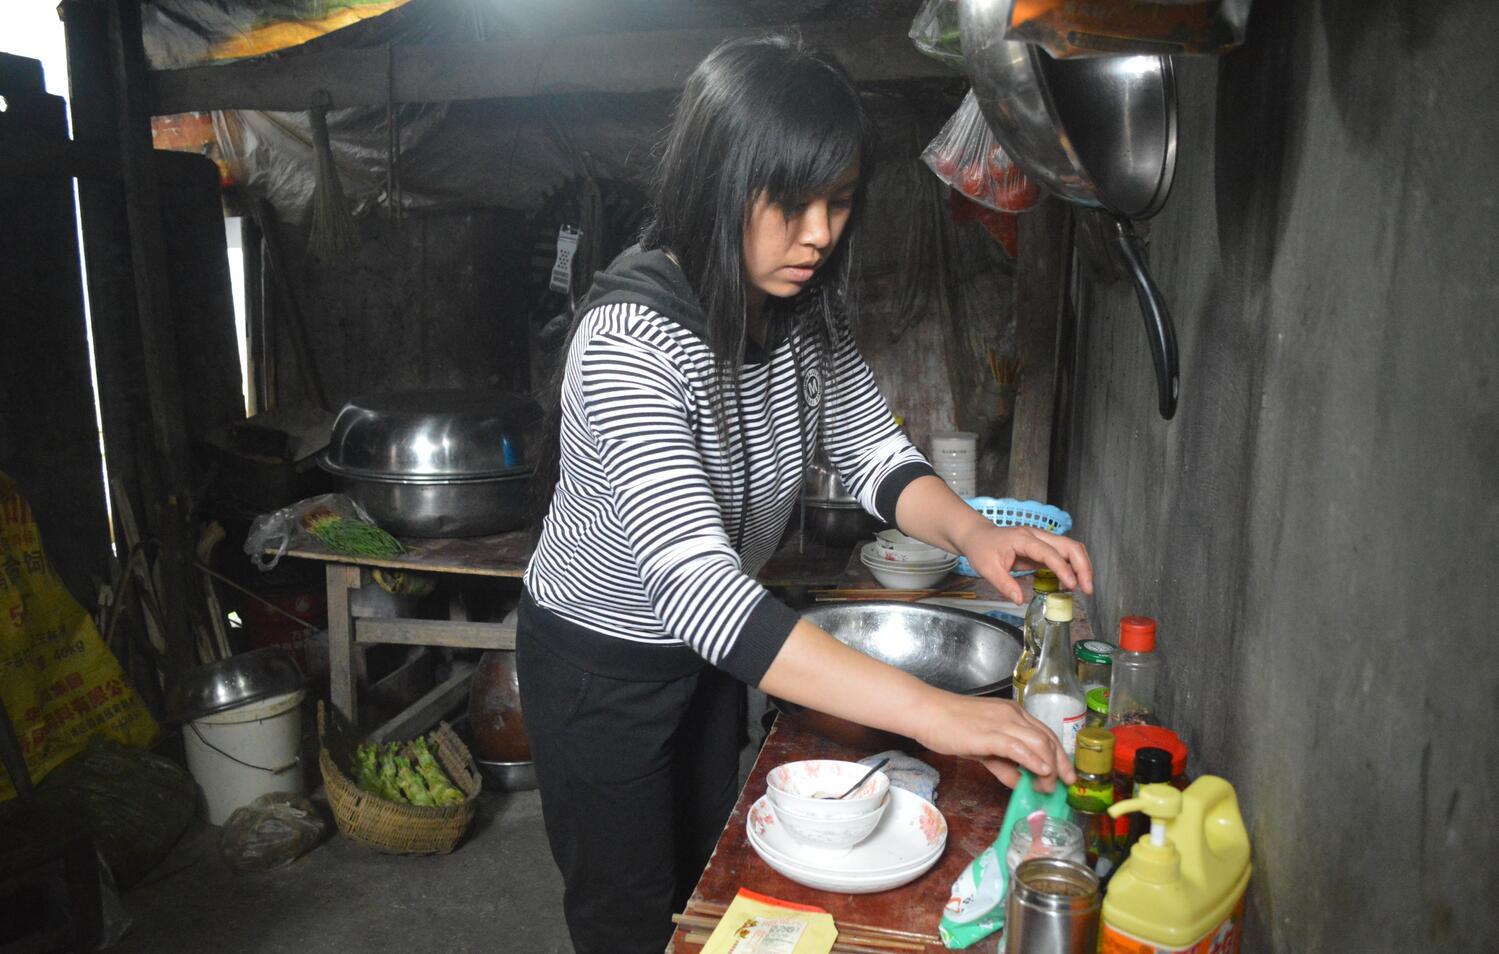 雅江镇郑素芳:为爱撑起一个家